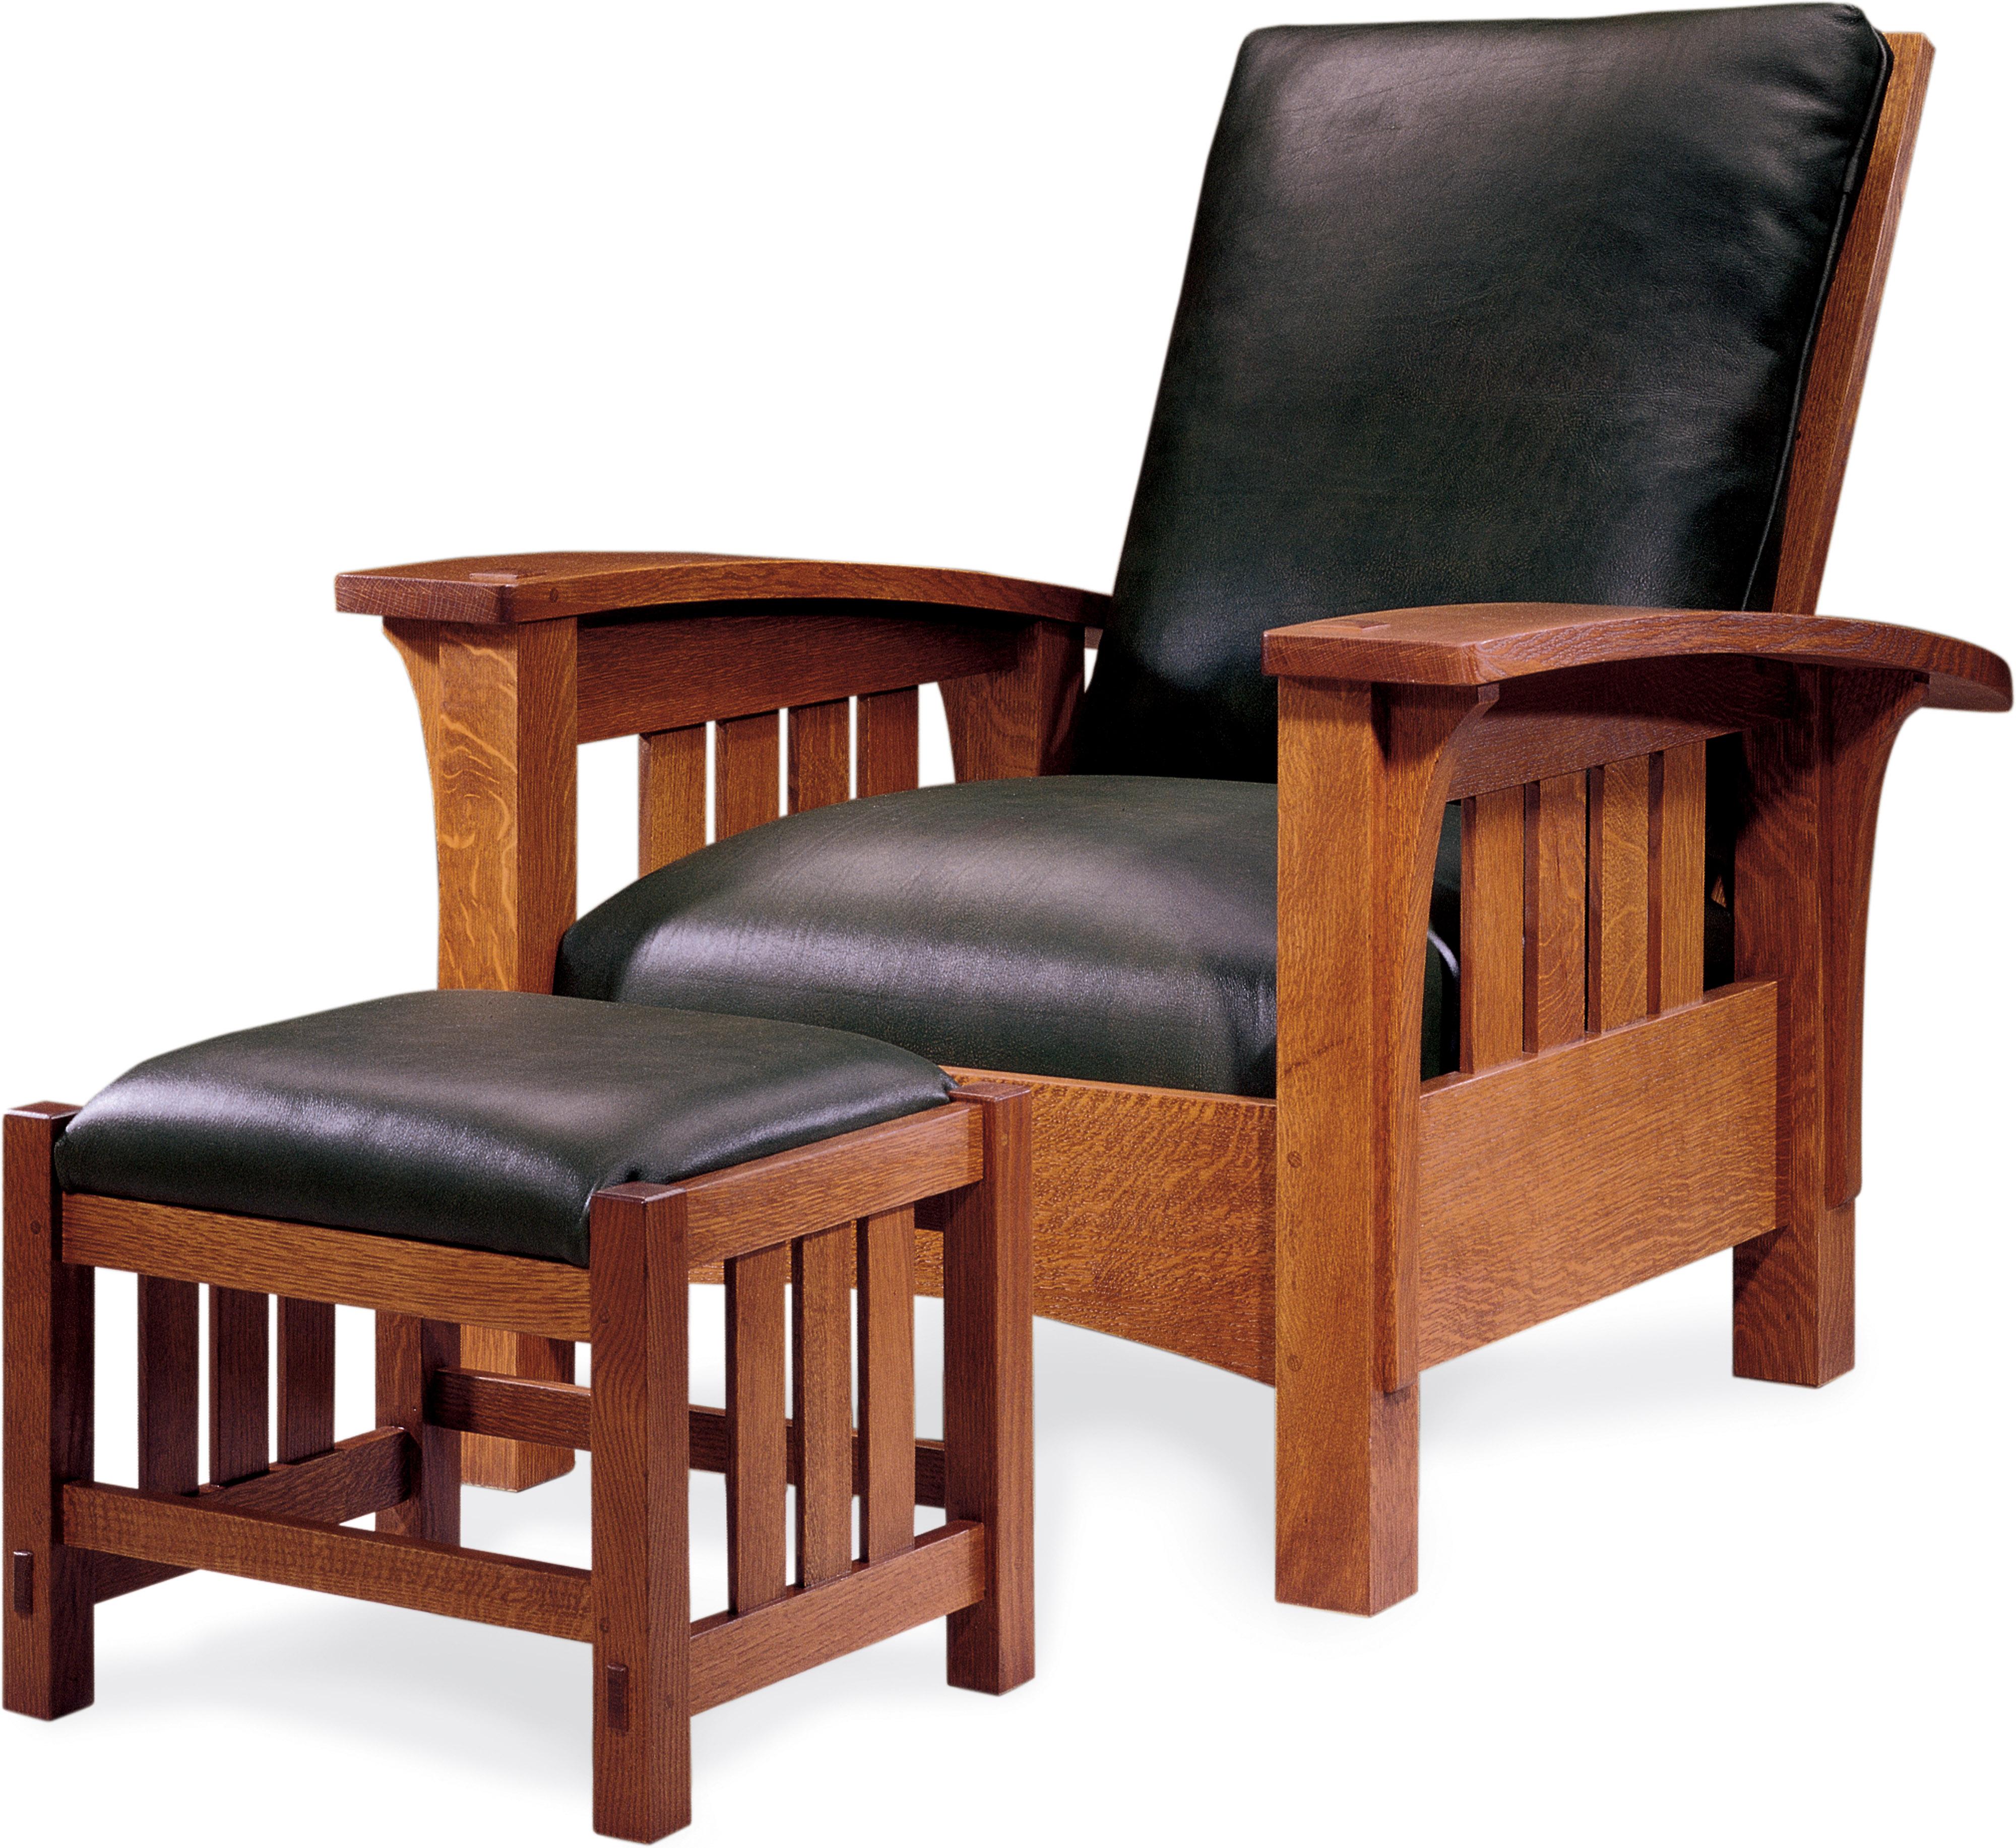 Bow Arm Morris chair.